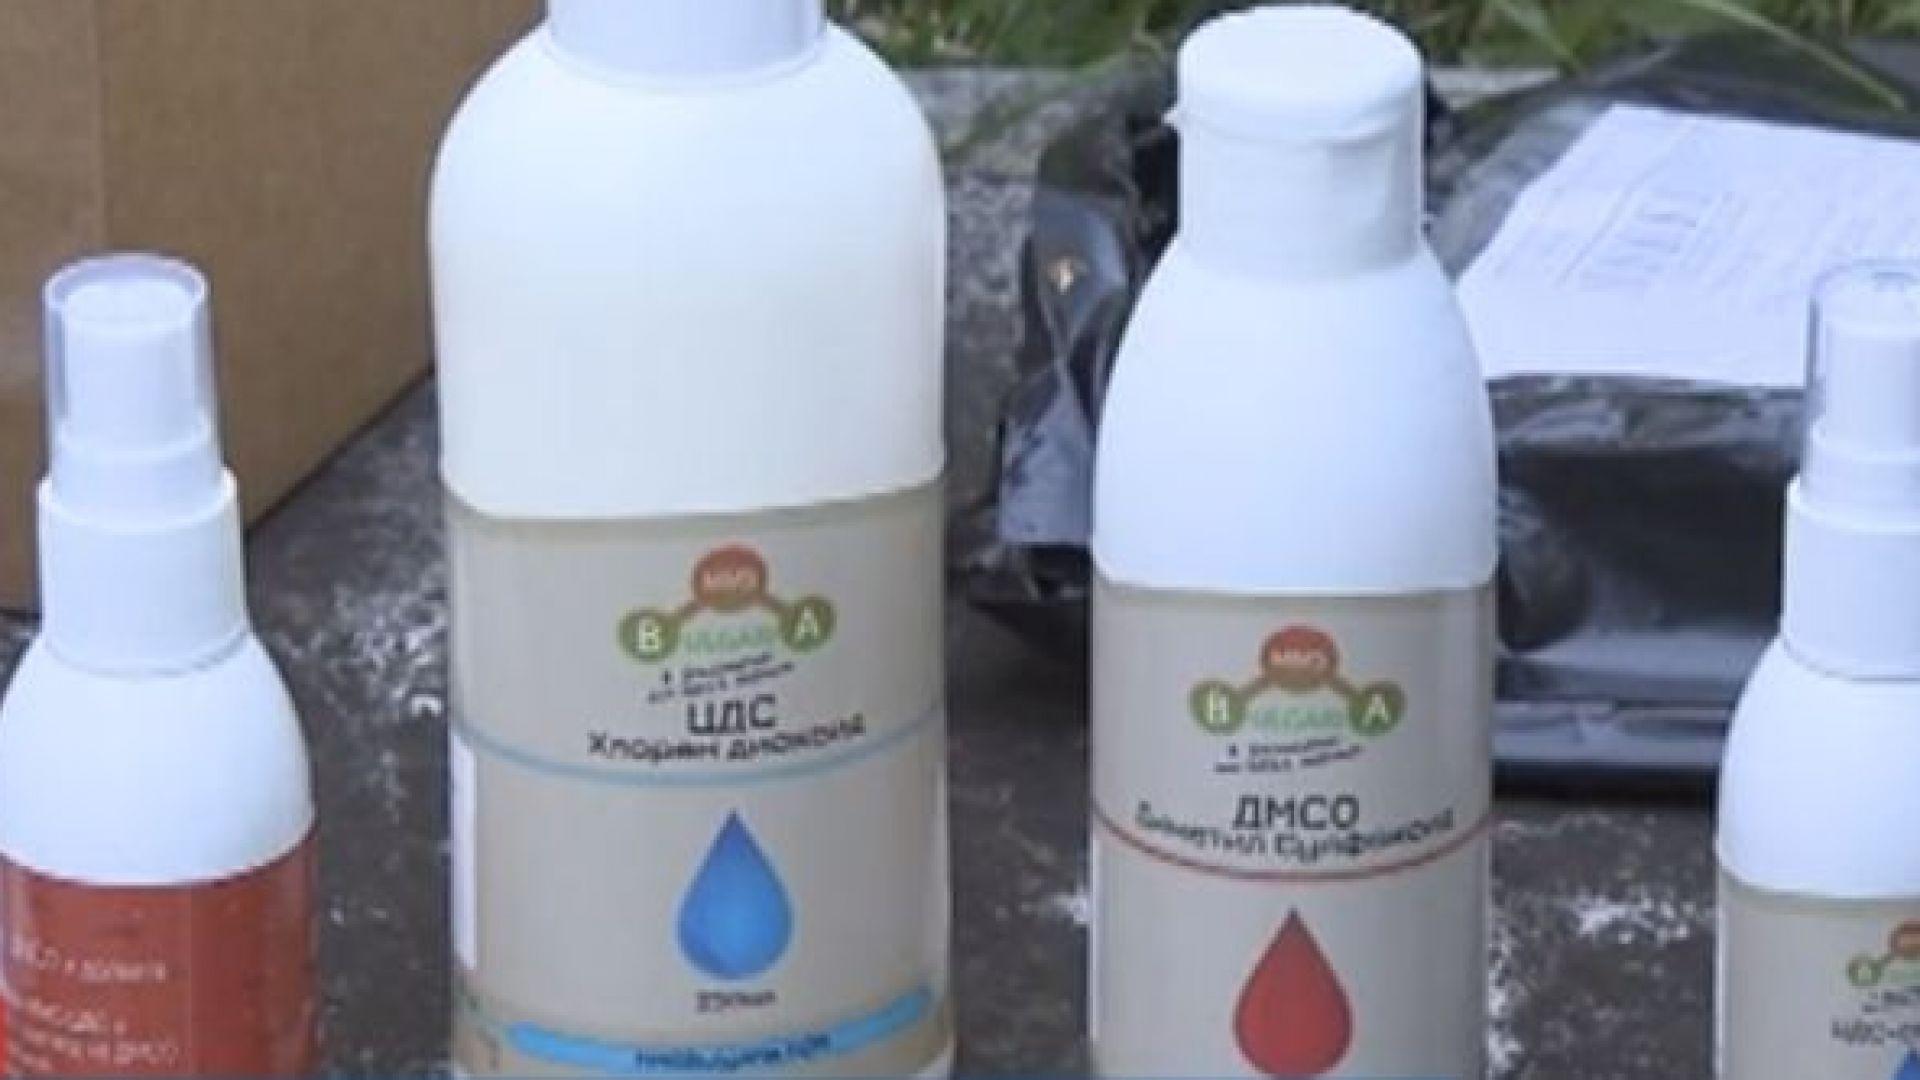 Прокуратурата се самосезира за продажбата на белина като чудотворно лекарство